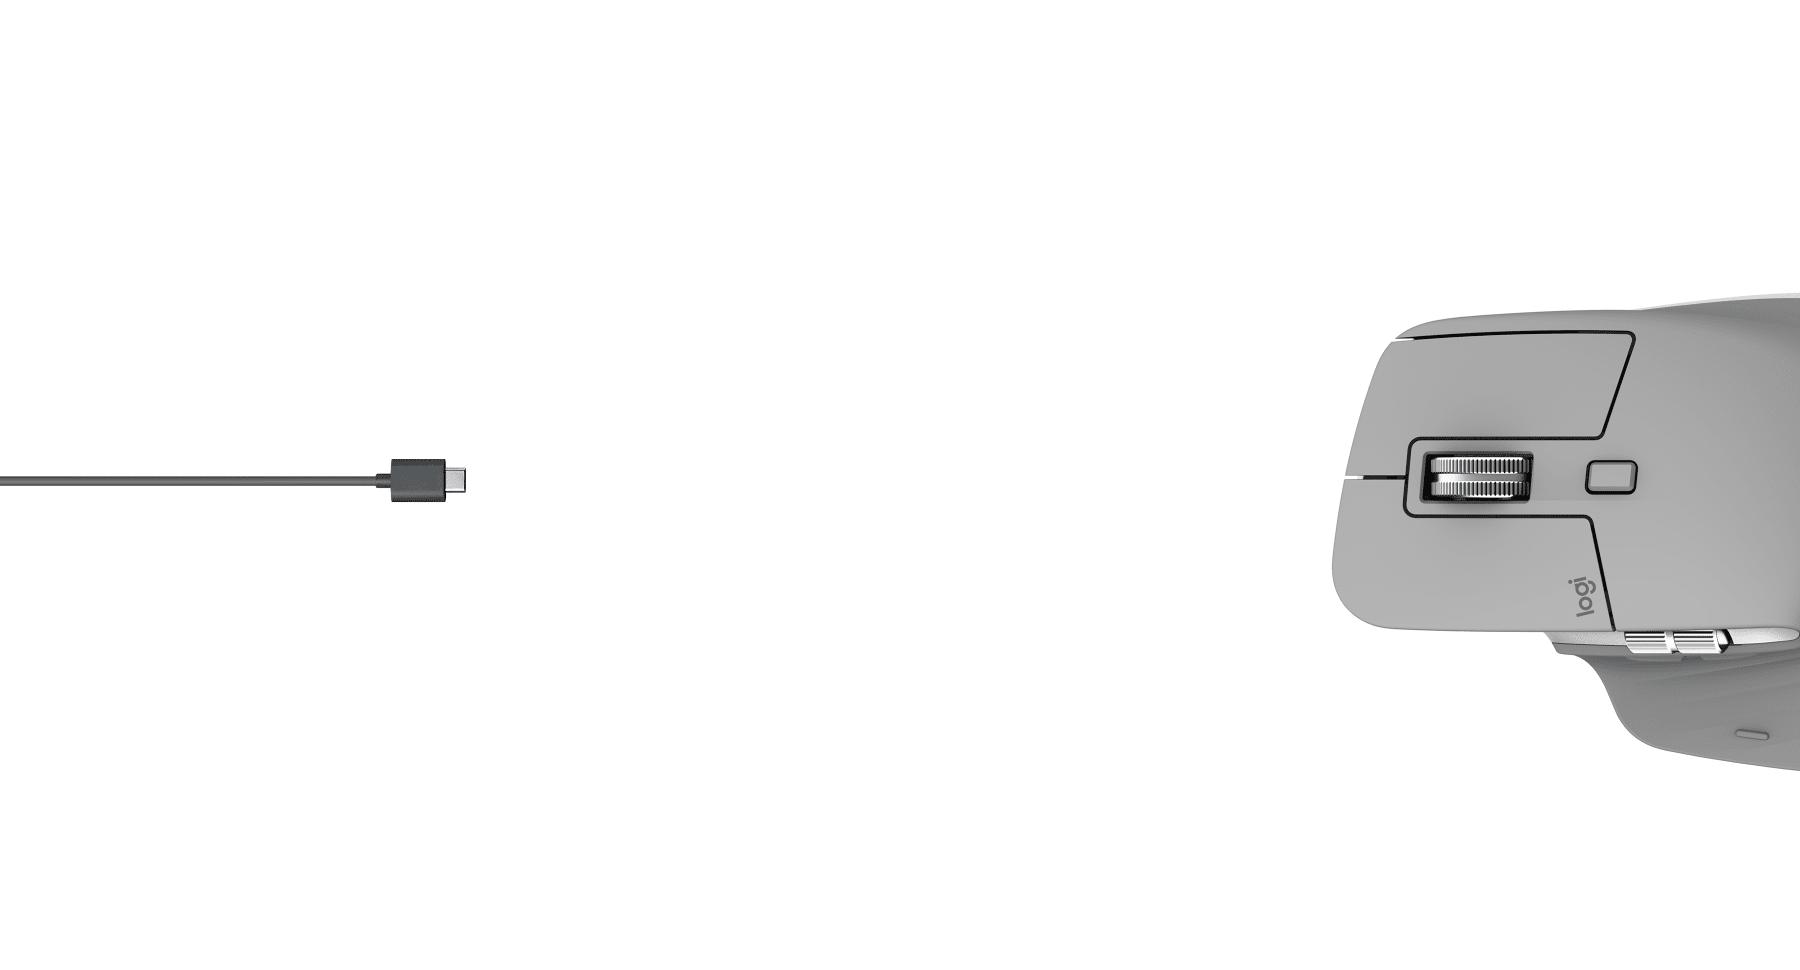 Chuột không dây Logitech MX Master 3 (USB/Bluetooth/Đen) có tính năng sạc nhanh